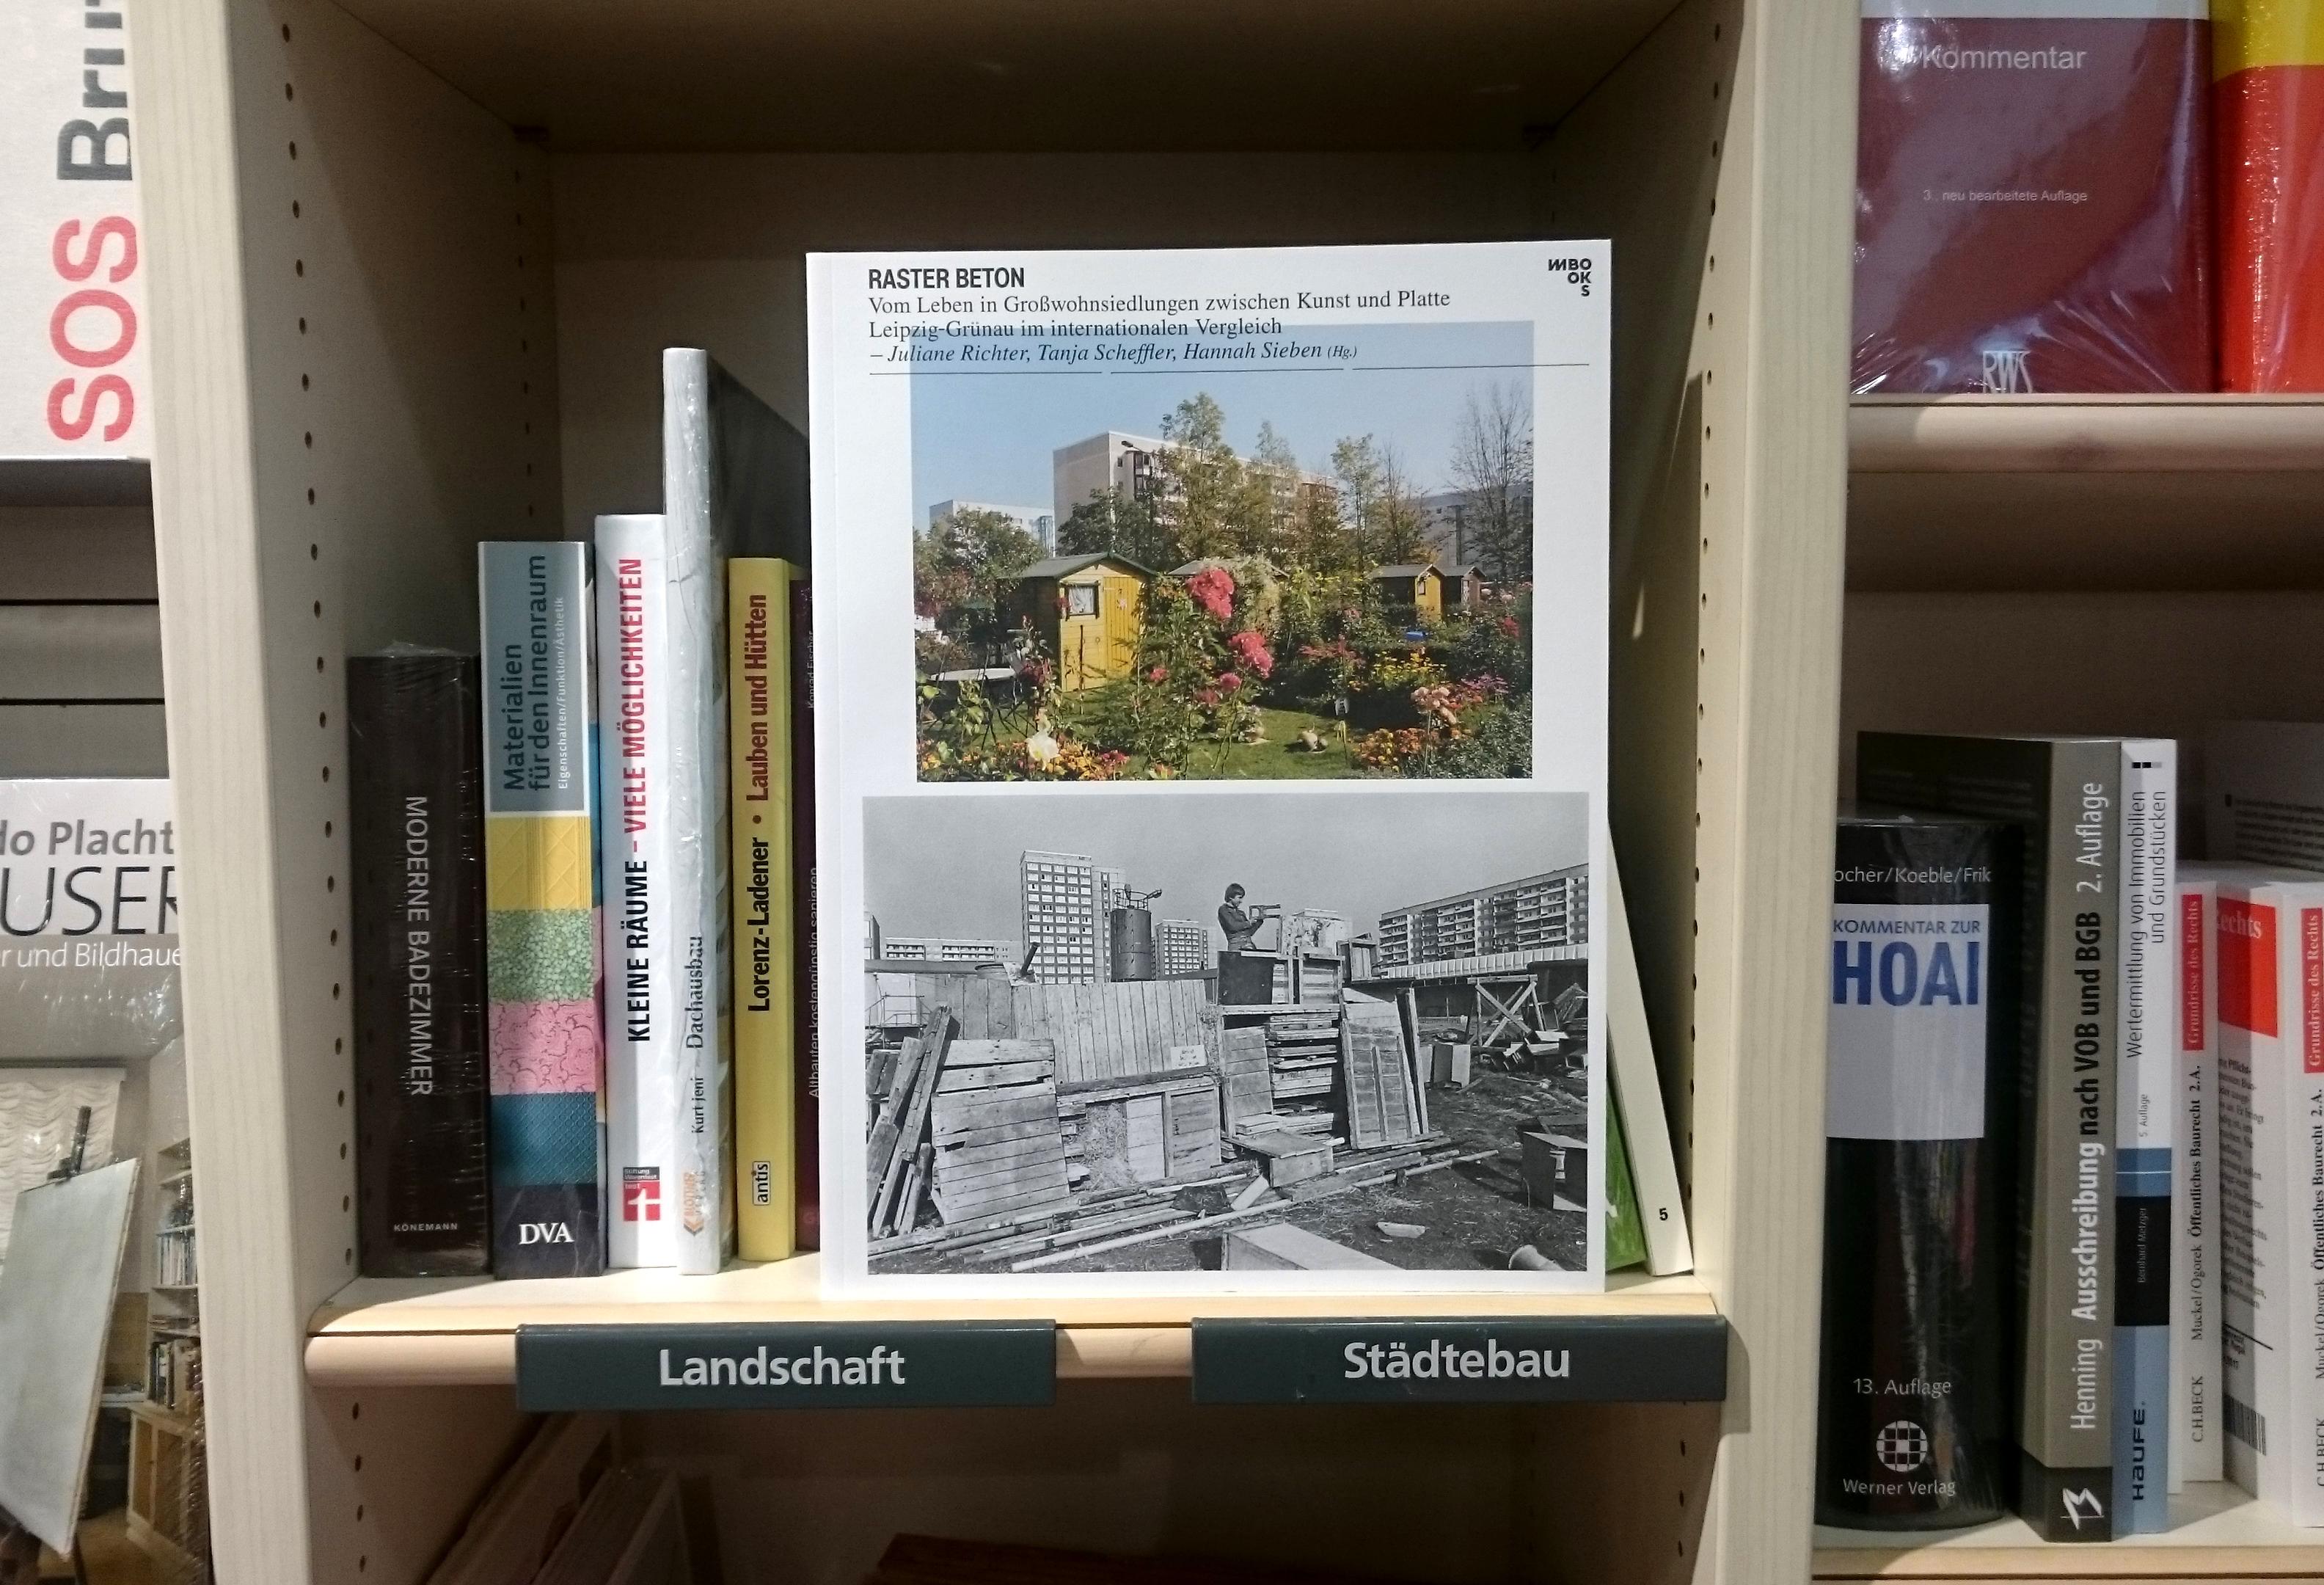 Raster Beton, Cover, Verlag: M BOOKS